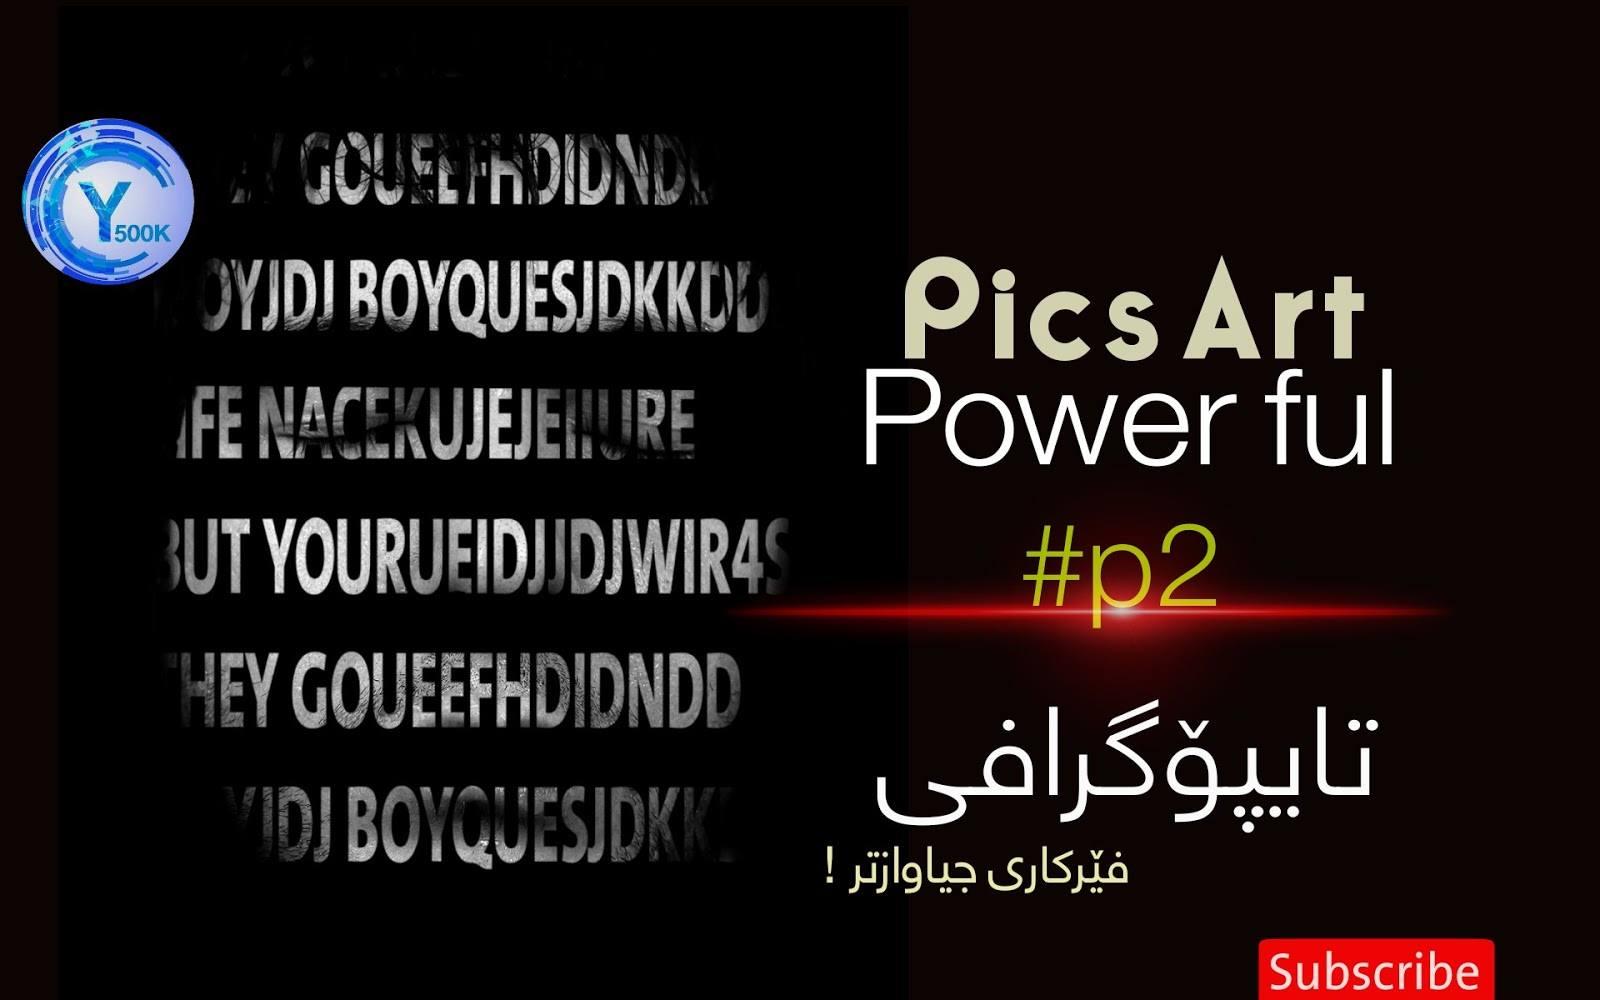 فێرکاری دووەم چۆنیەتی نووسنی فول تایپۆگرافی Ful :Power ful